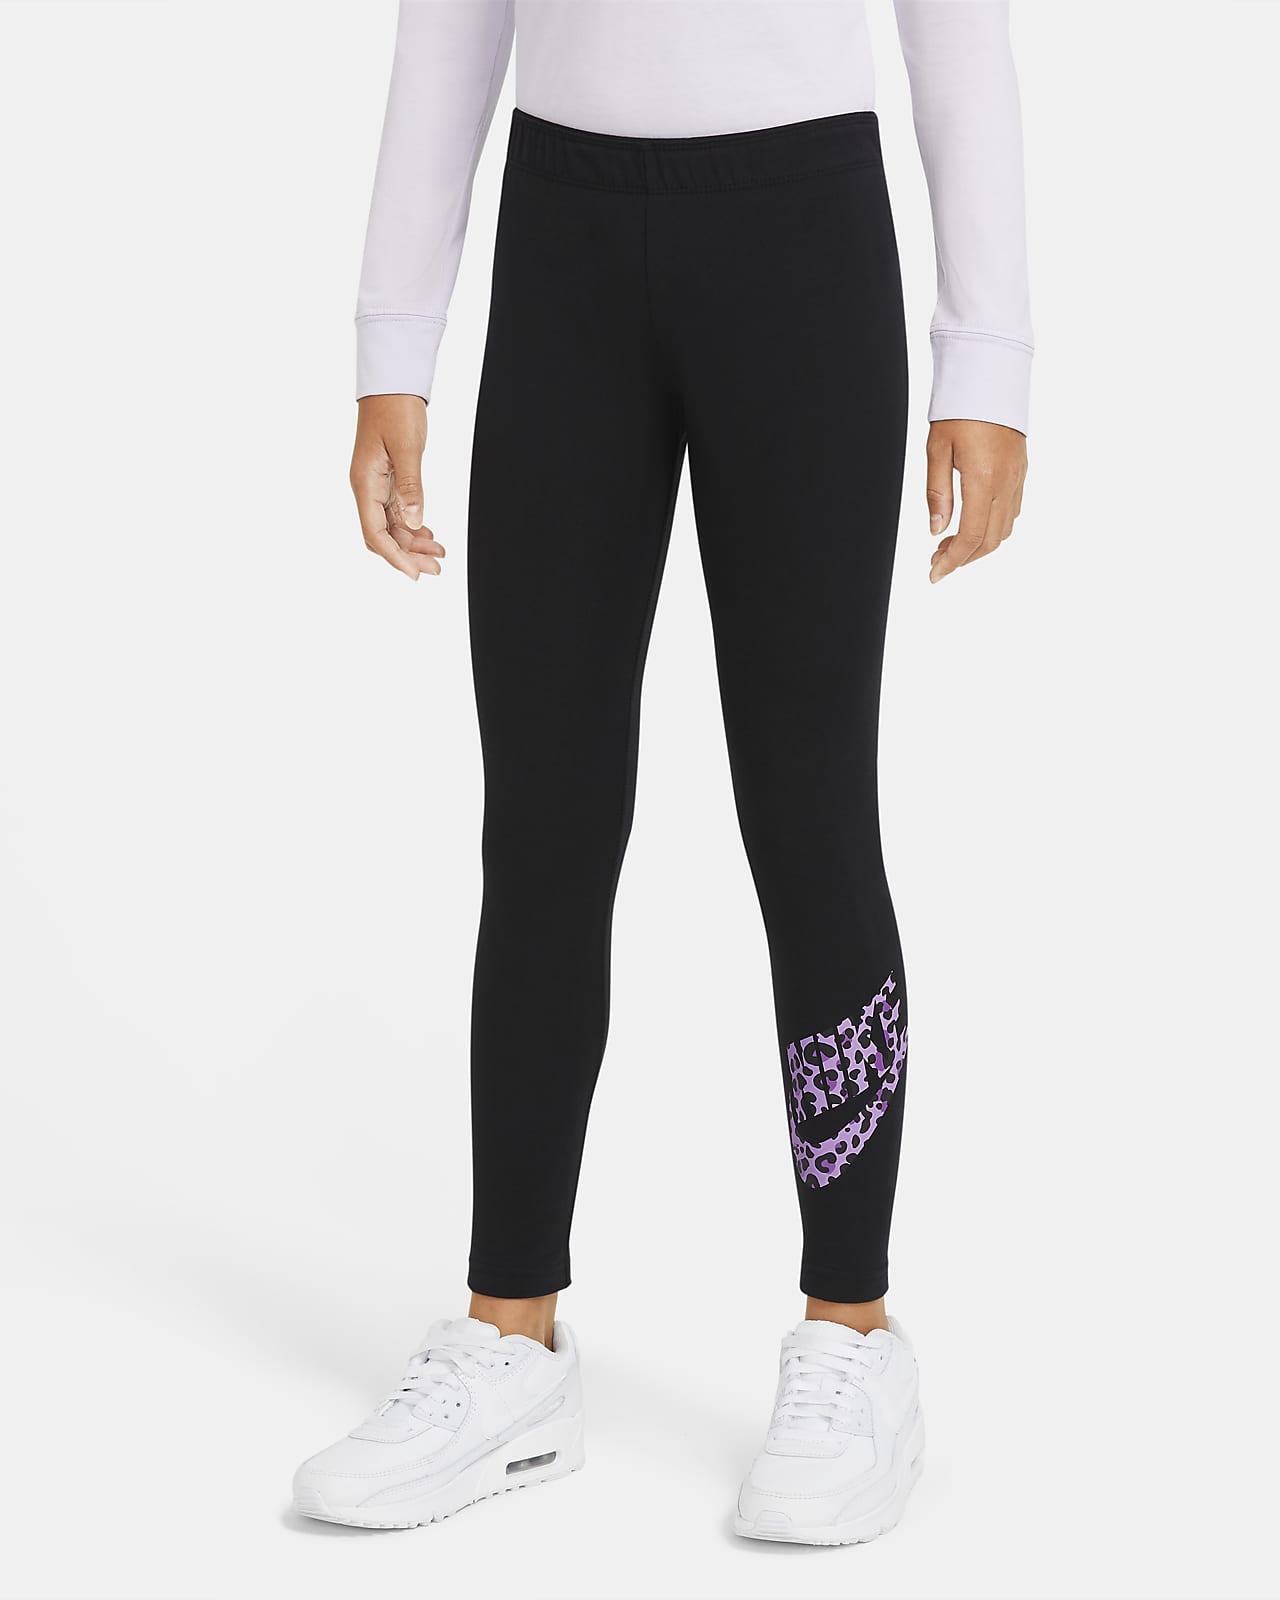 Nike Sportswear Favorites Genç Çocuk (Kız) Taytı